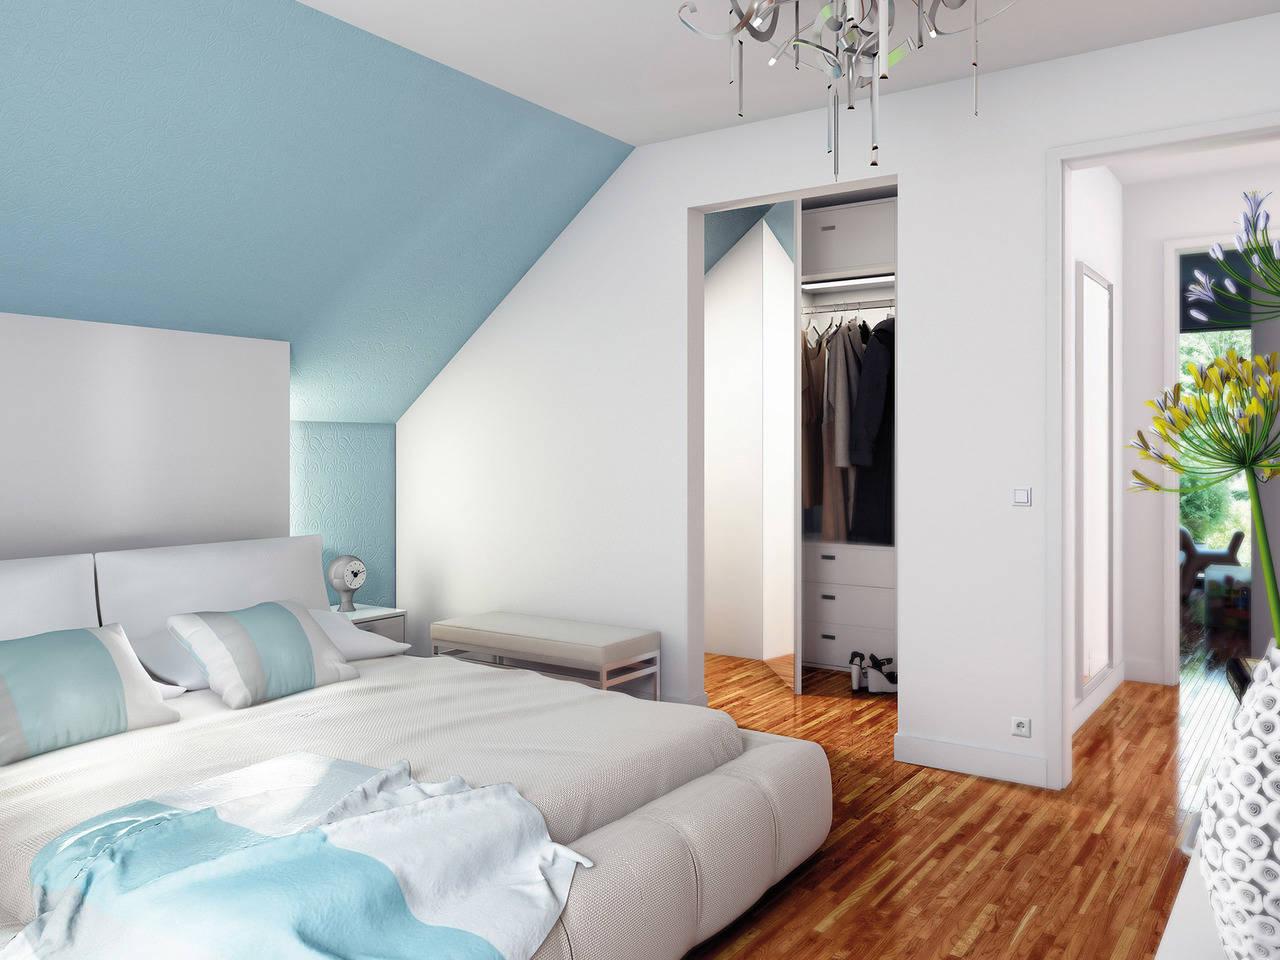 Haus SOLUTION 78 V3 Schlafzimmer von Living Haus